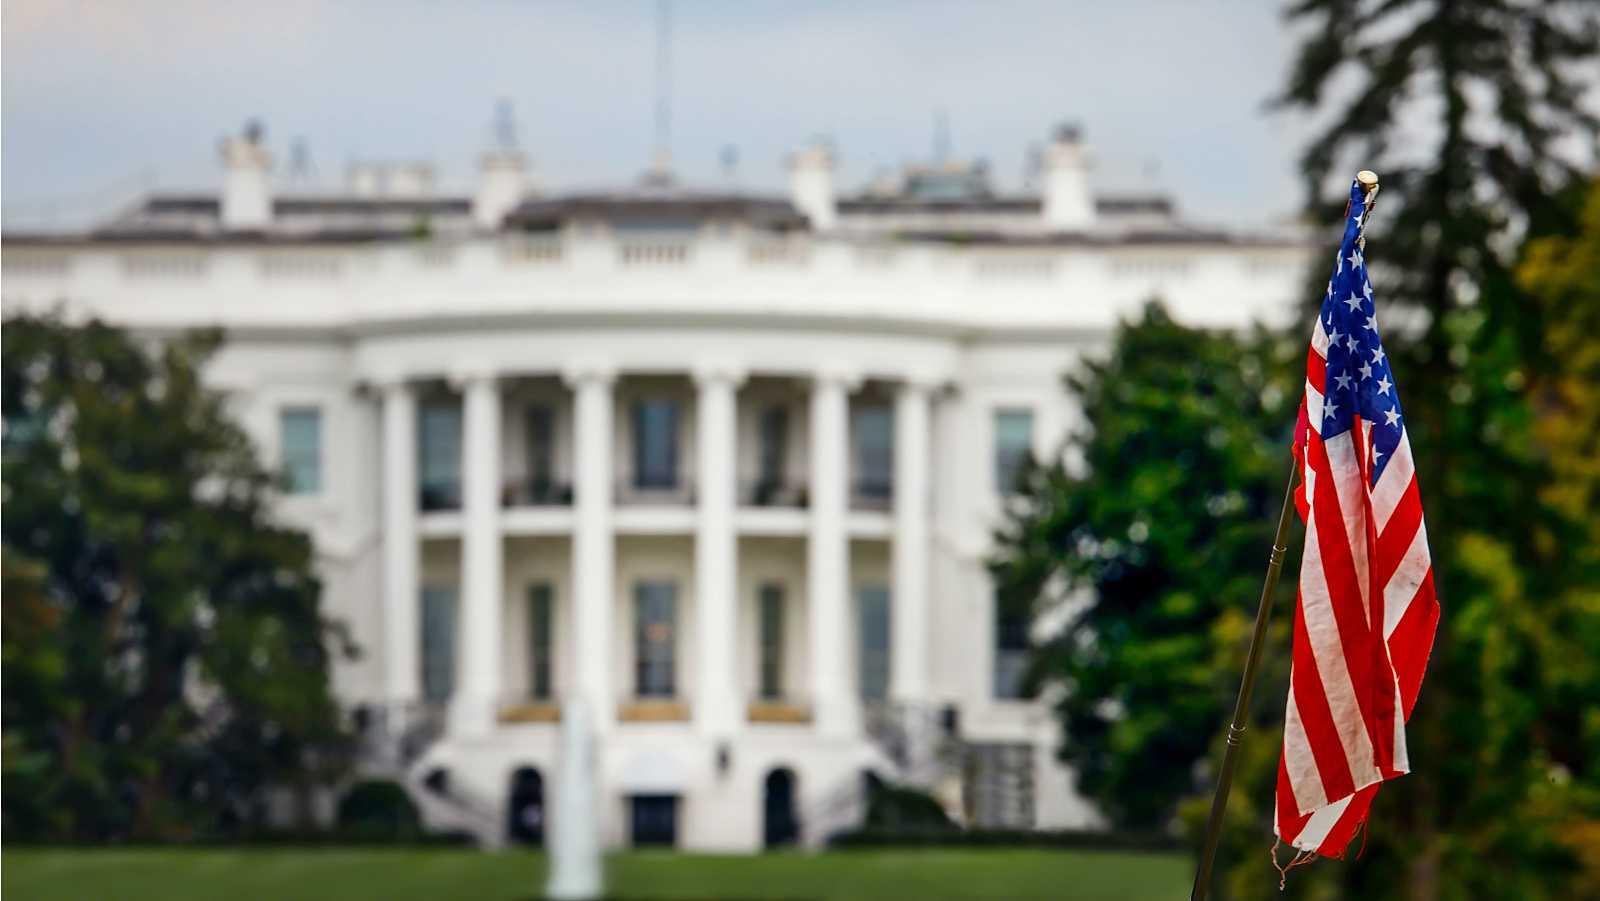 La bandera estadounidense frente a la Casa Blanca en Washington, DC., Estados Unidos.